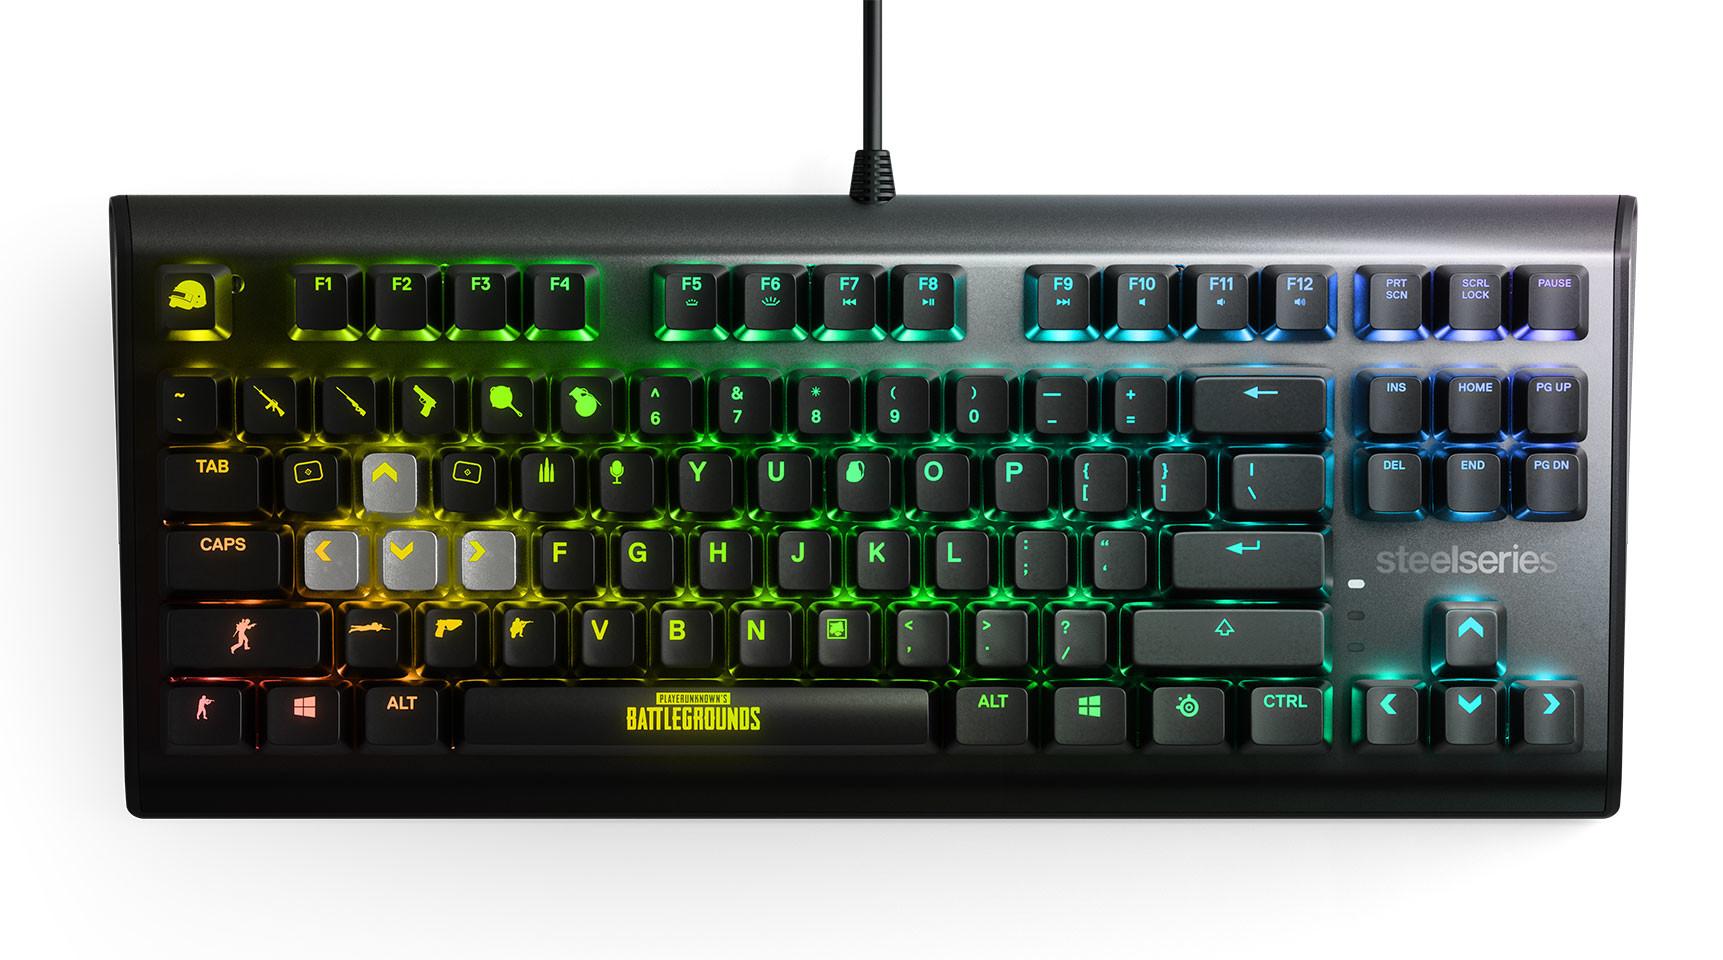 Apex M750 TKL PUBG Edition